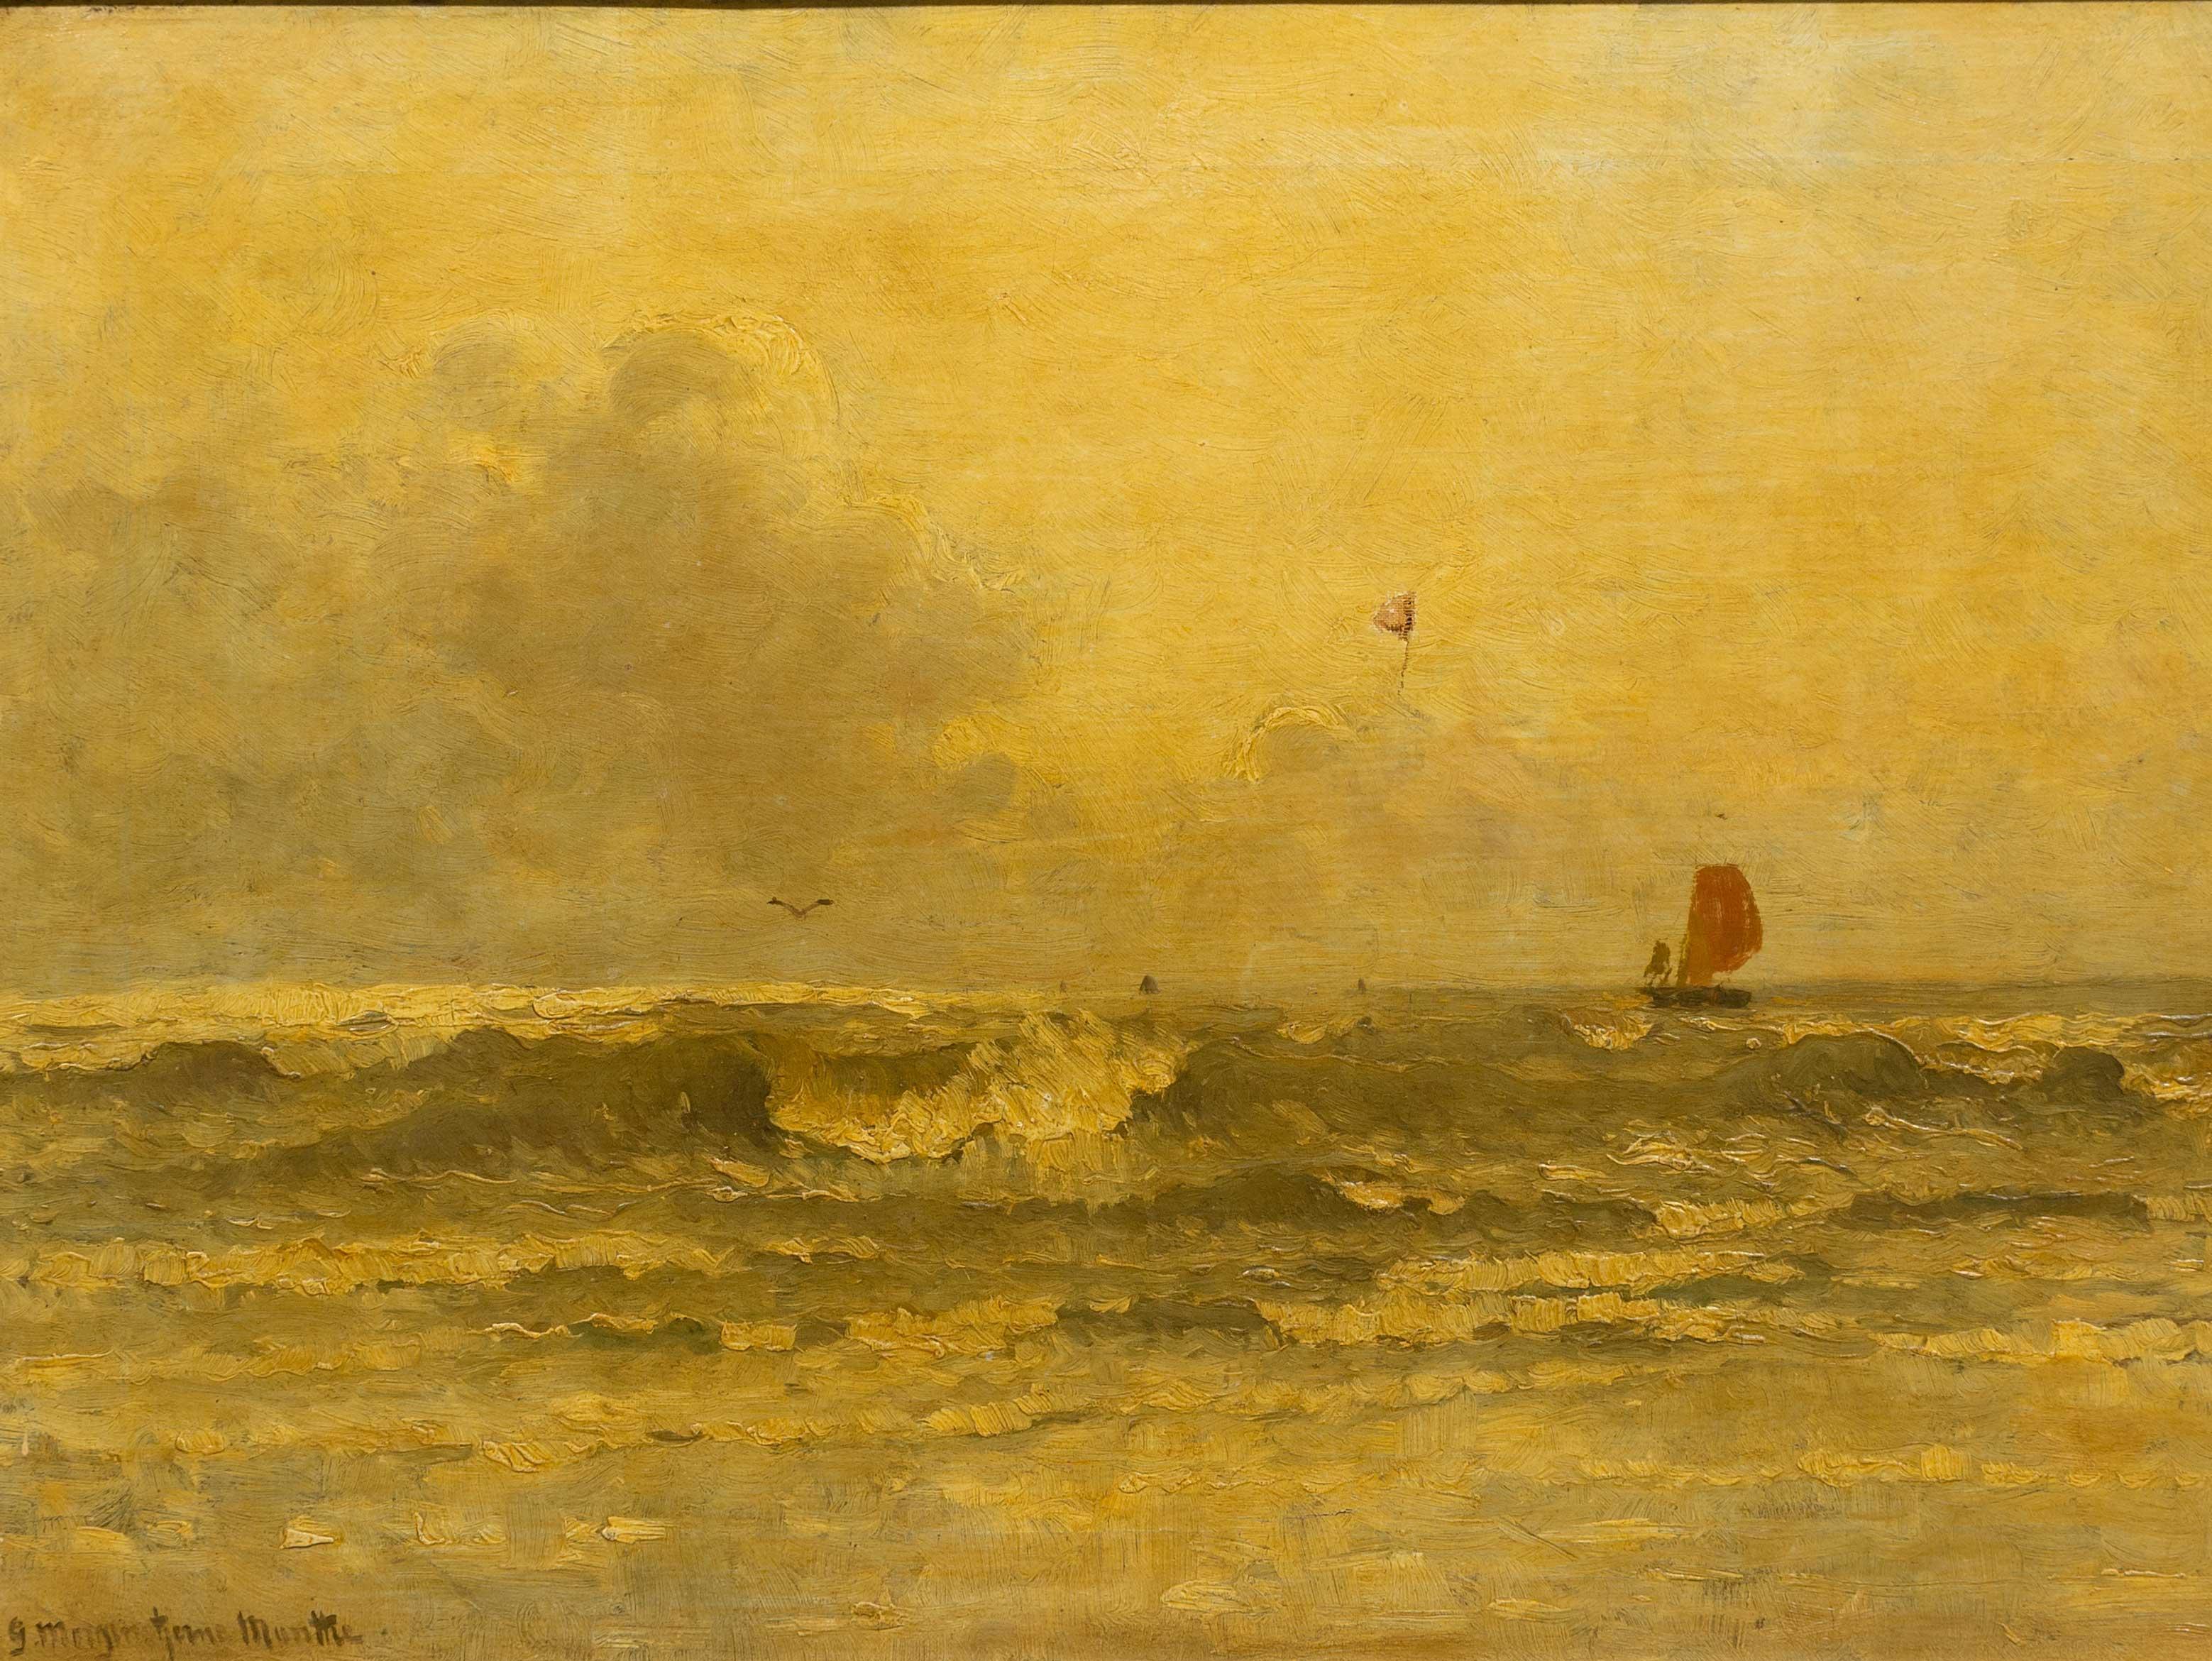 Gerhard Morgenstjerne Munthe (Dutch 1875 - 1927) Oil, Seascape, Signed, 42 x 62